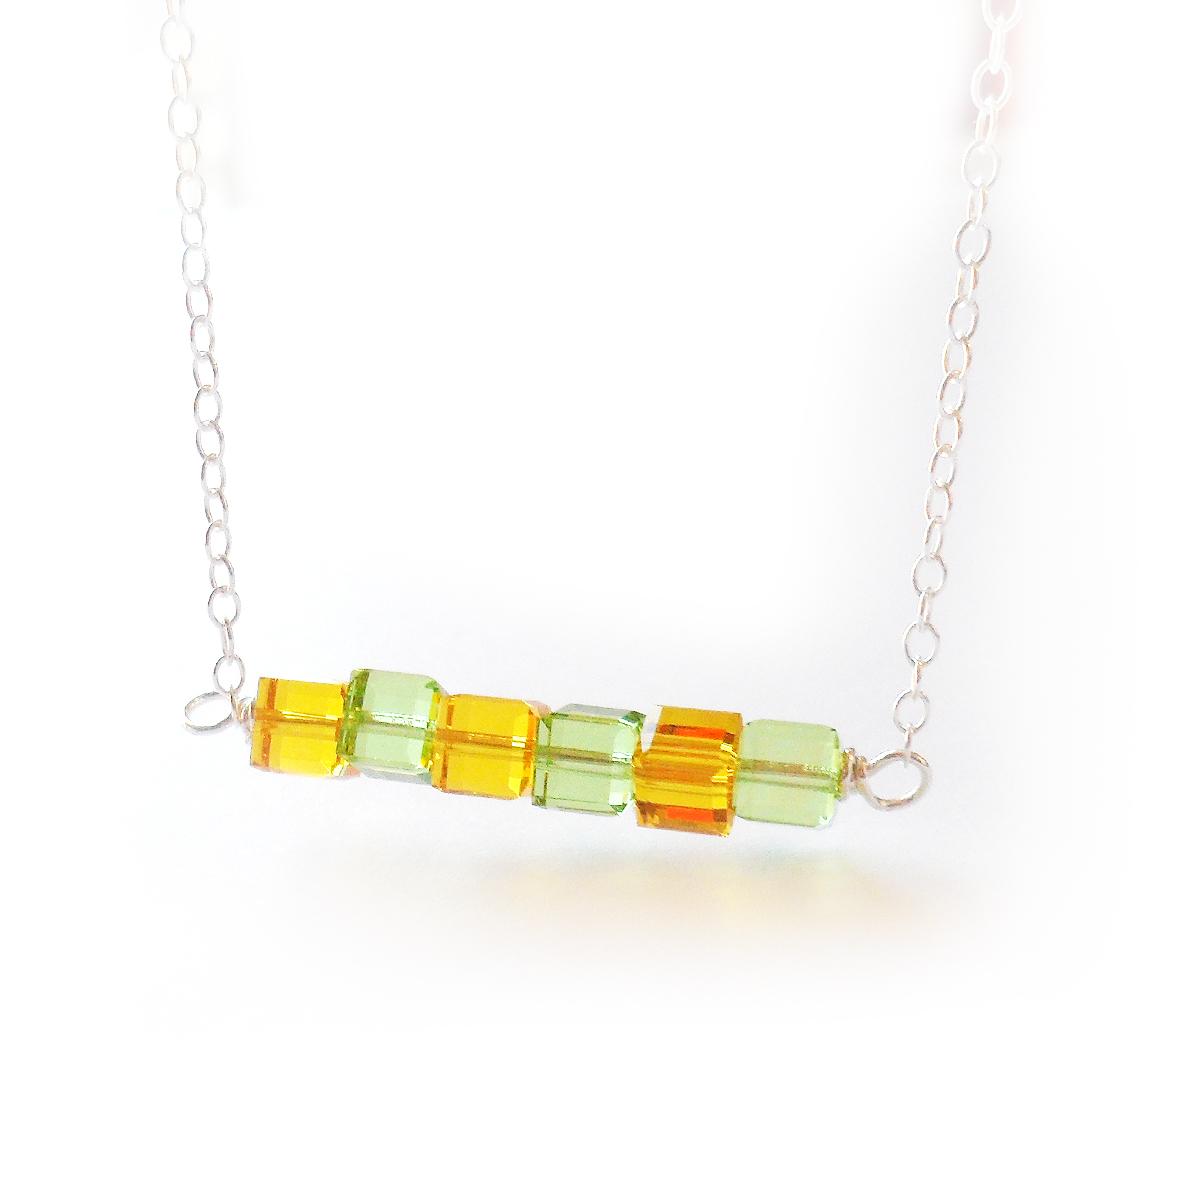 collar-calipso-en-cubos-de-cristales-de-swarovski-verde-y-amarillo-2